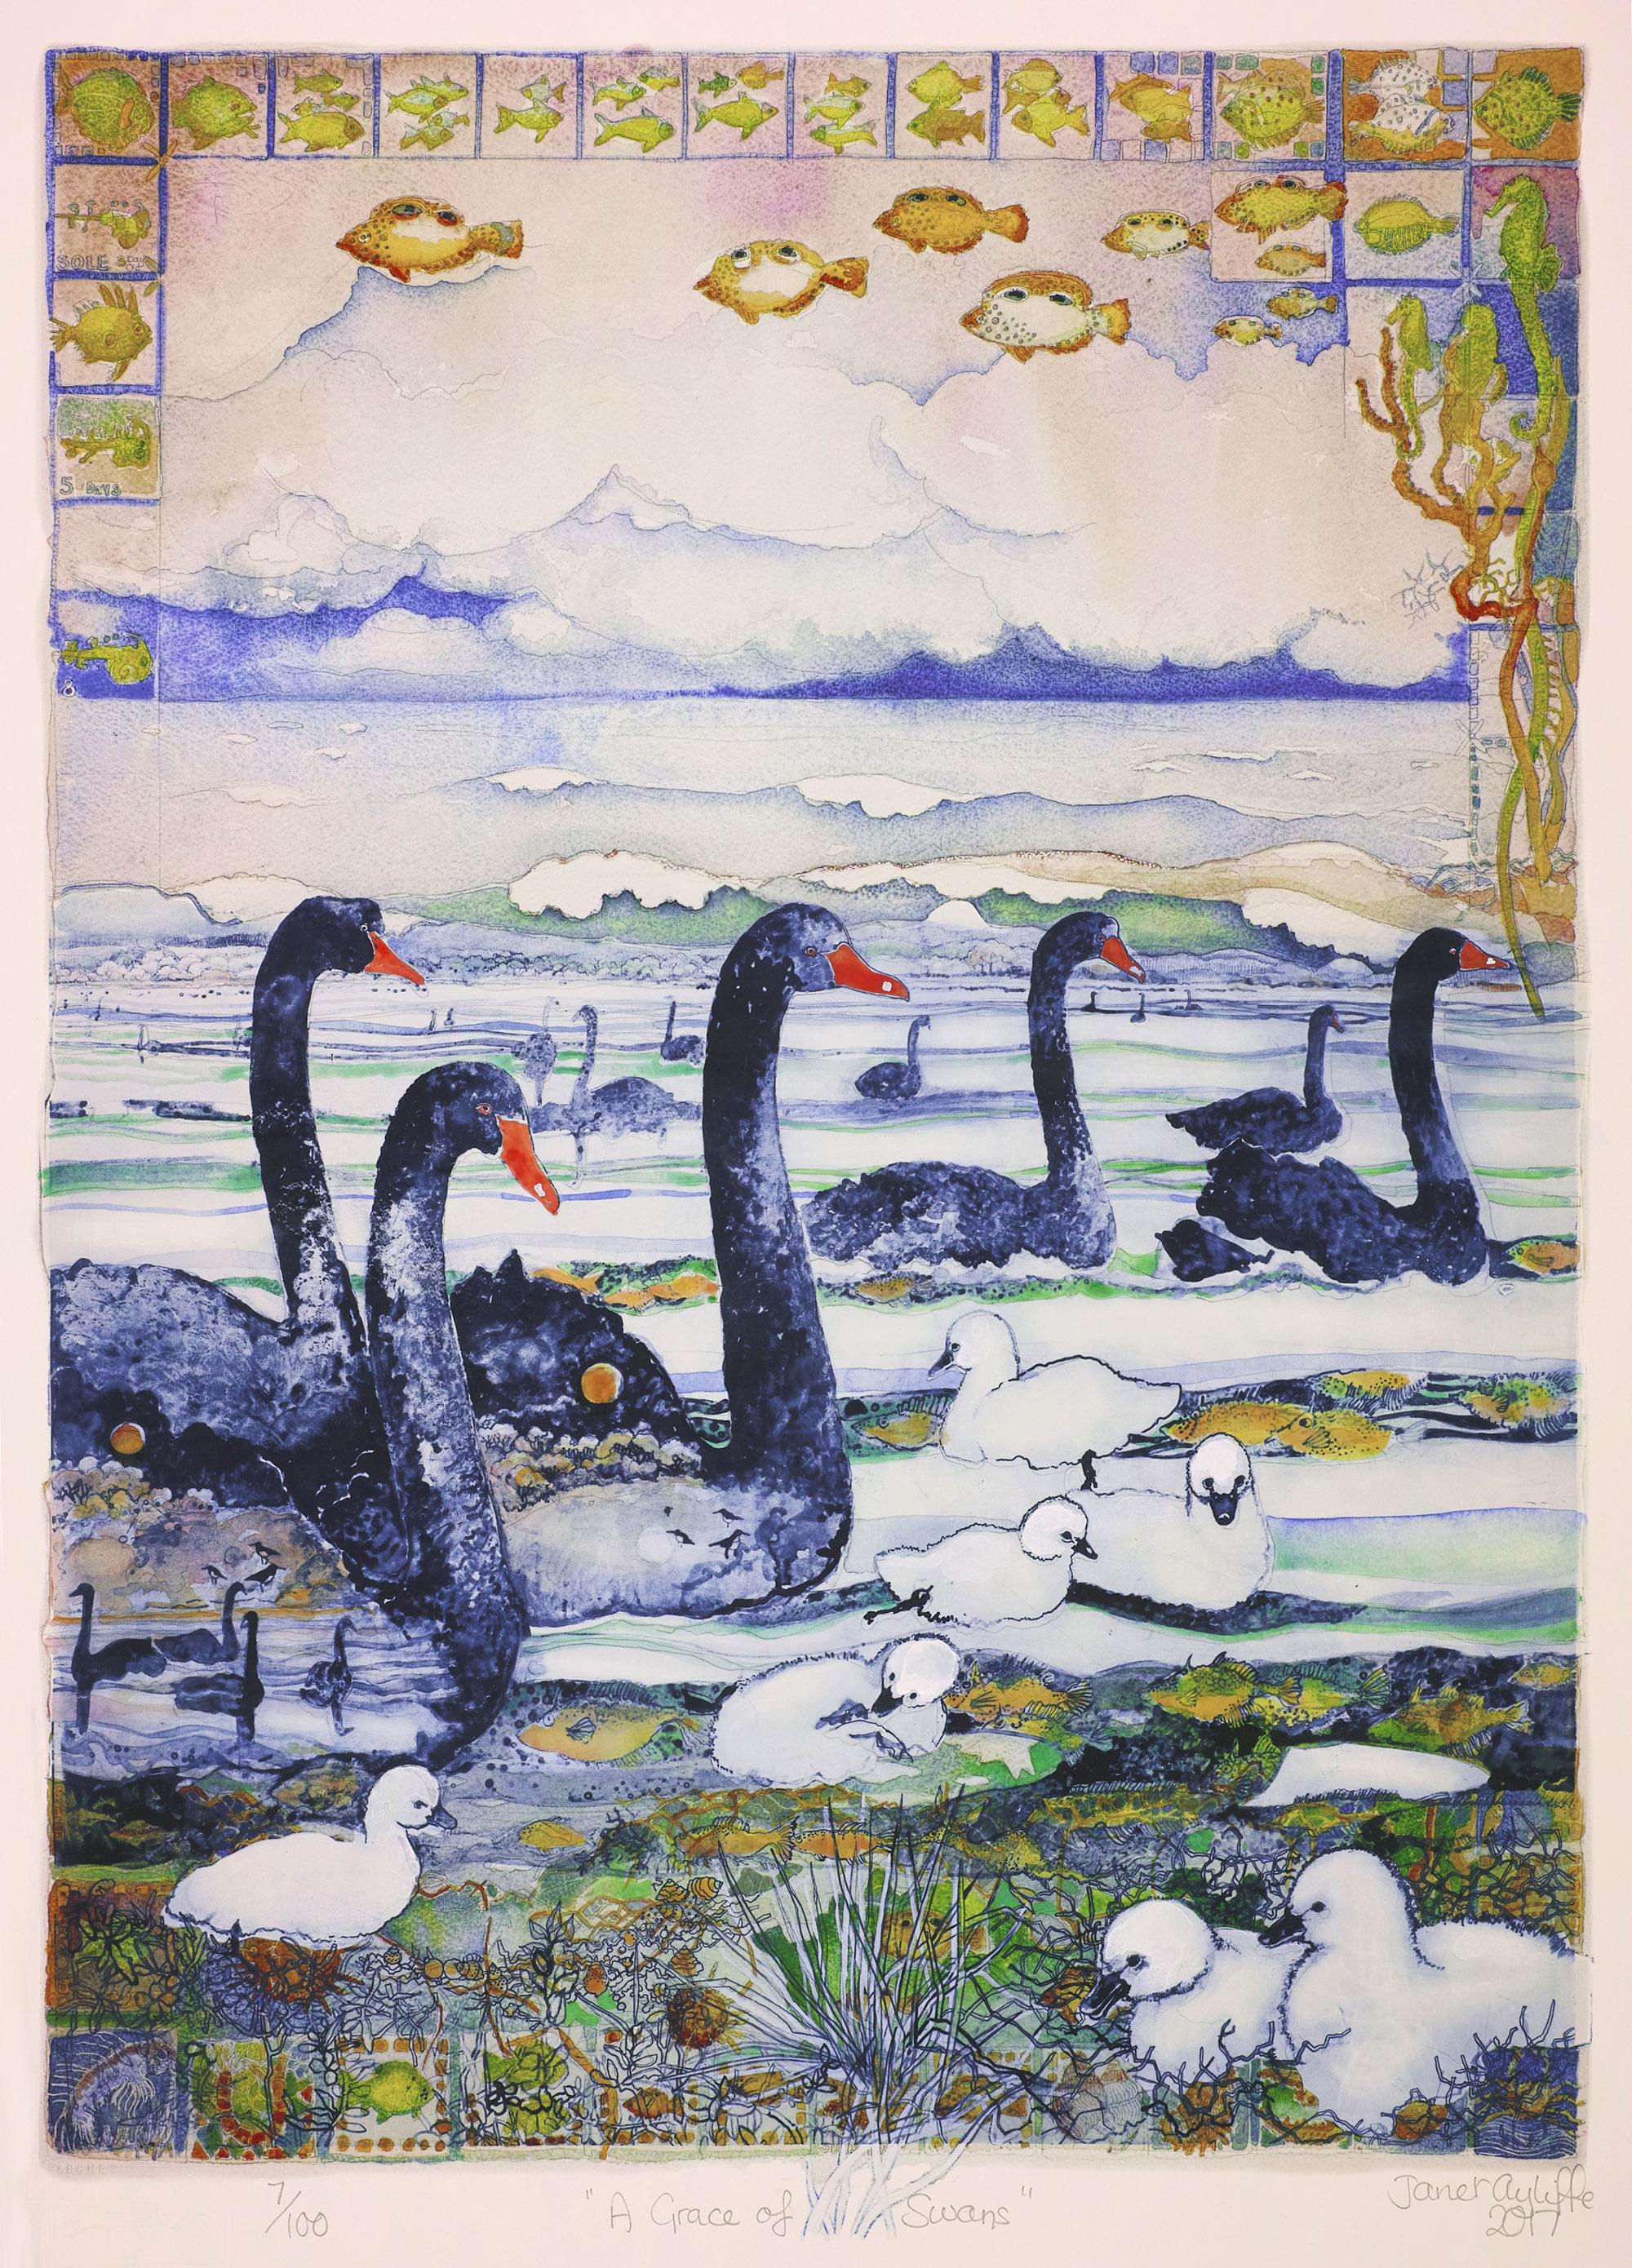 A Grace of Swans